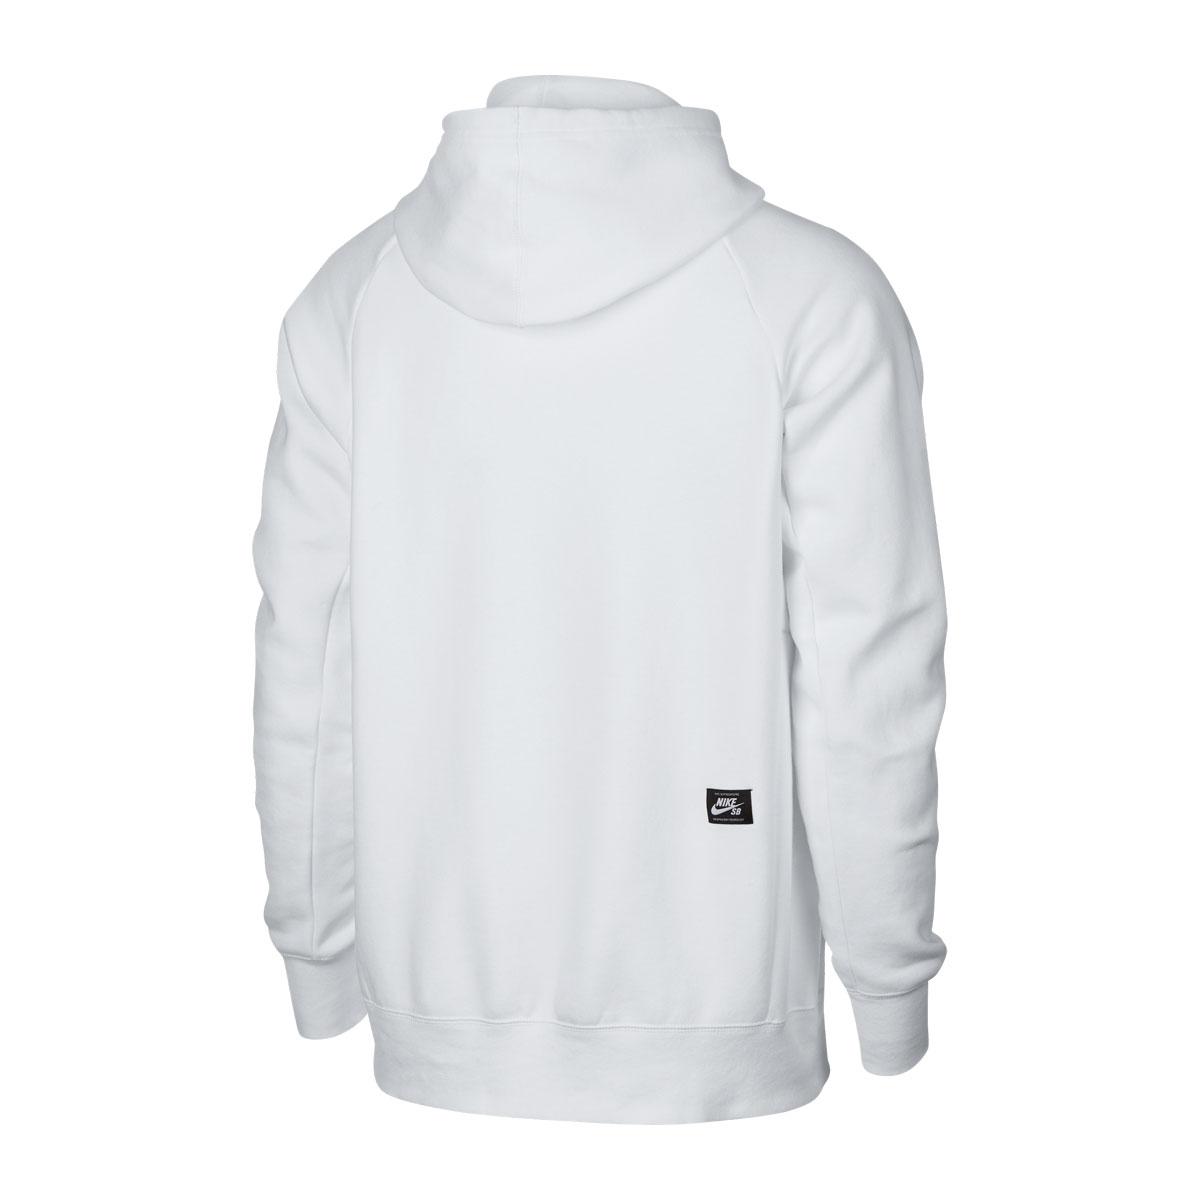 b0bd228112fc NIKE AS M NK SB HOODIE ICON PO FLRL (Nike SB floral icon PO フーディ) WHITE BLACK YELLOW  OCHRE 18FA-I